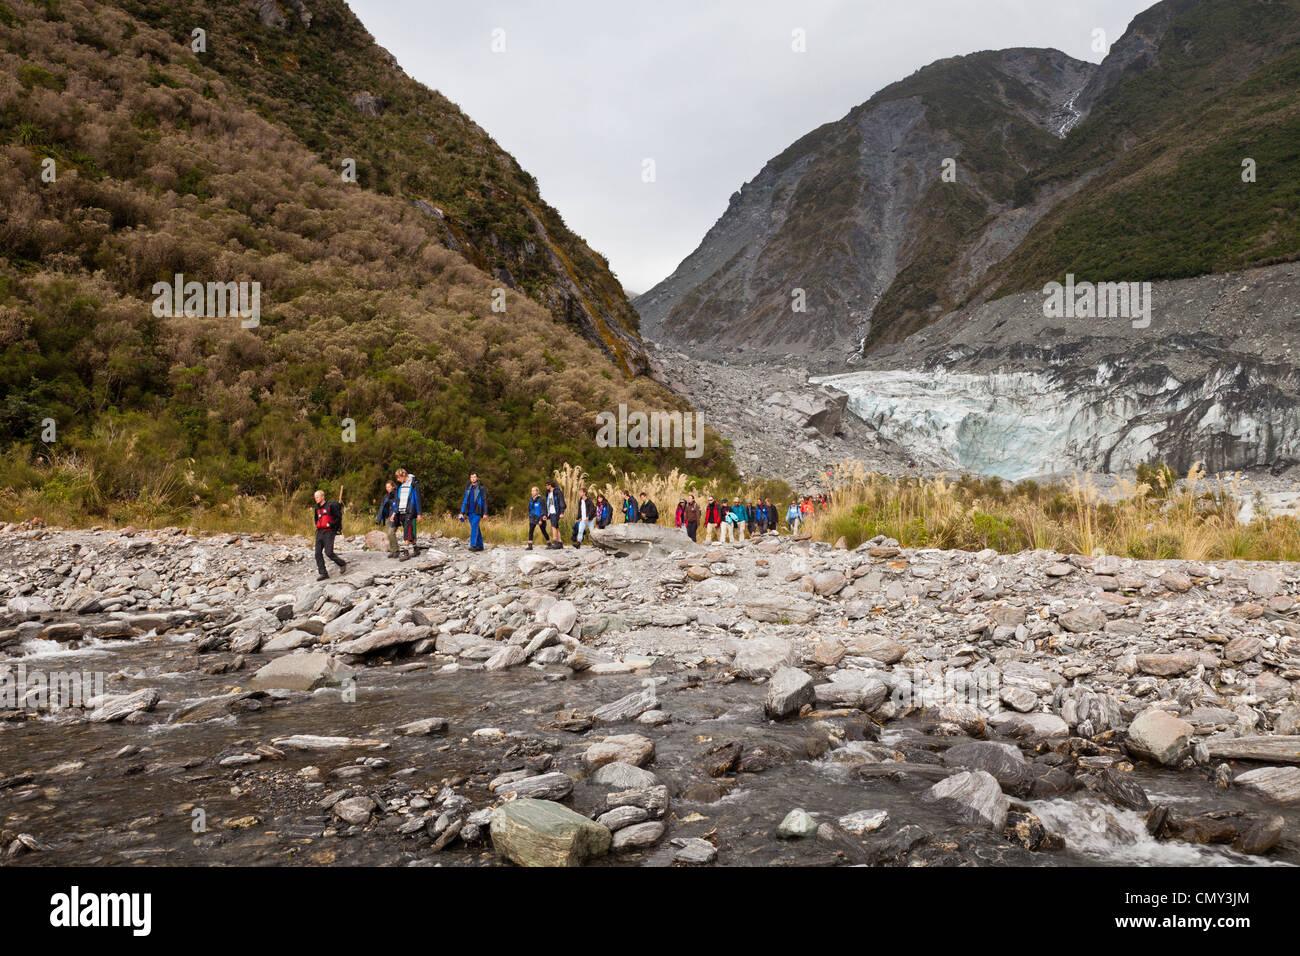 Partito guidato dei turisti che lasciano il terminale del ghiacciaio Fox, nella costa occidentale della Nuova Zelanda. Immagini Stock